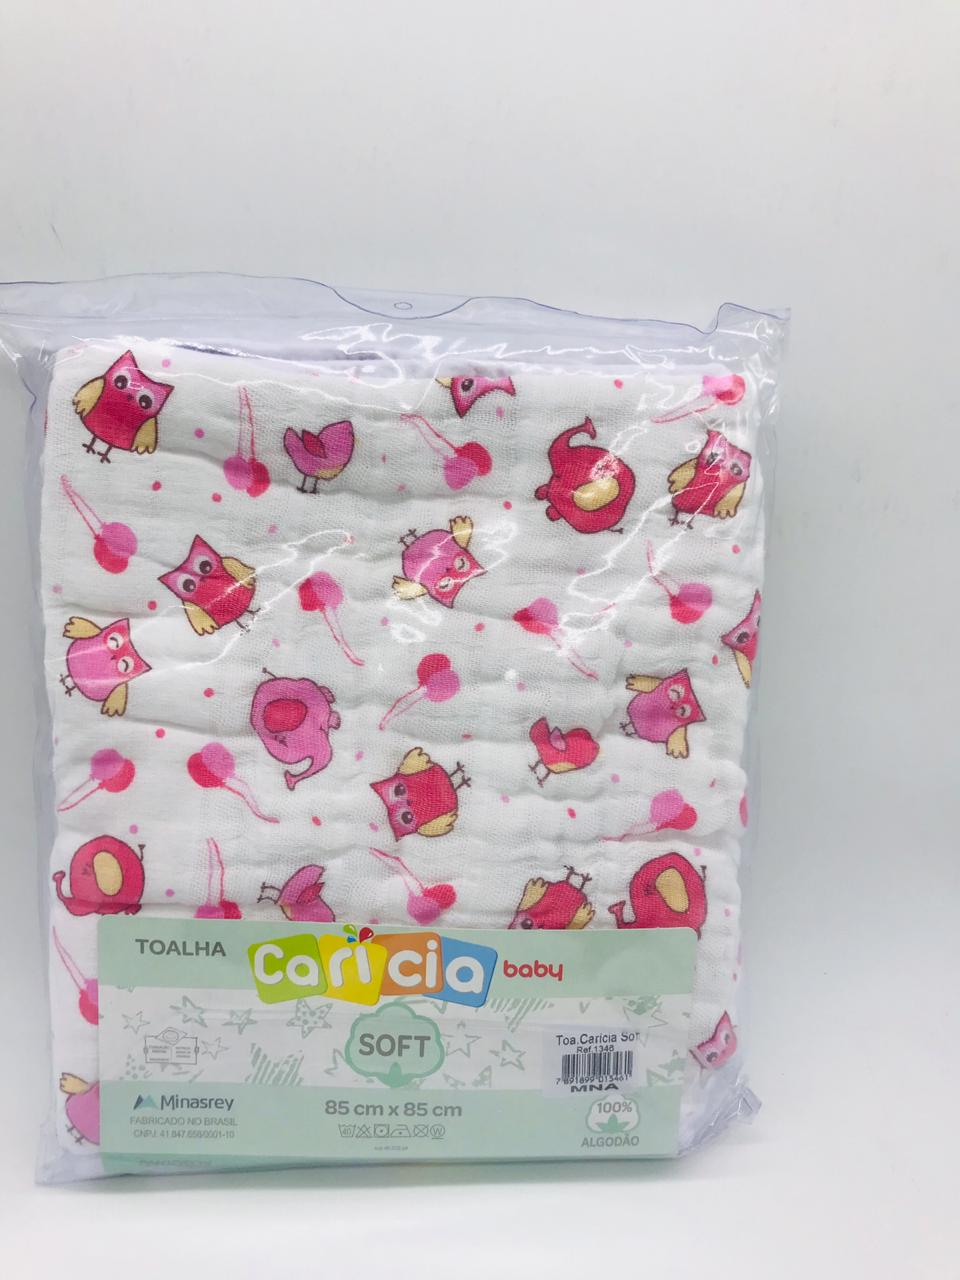 Toalha Soft Caricia Baby Rosa Coruja - Minasrey Ref 1346